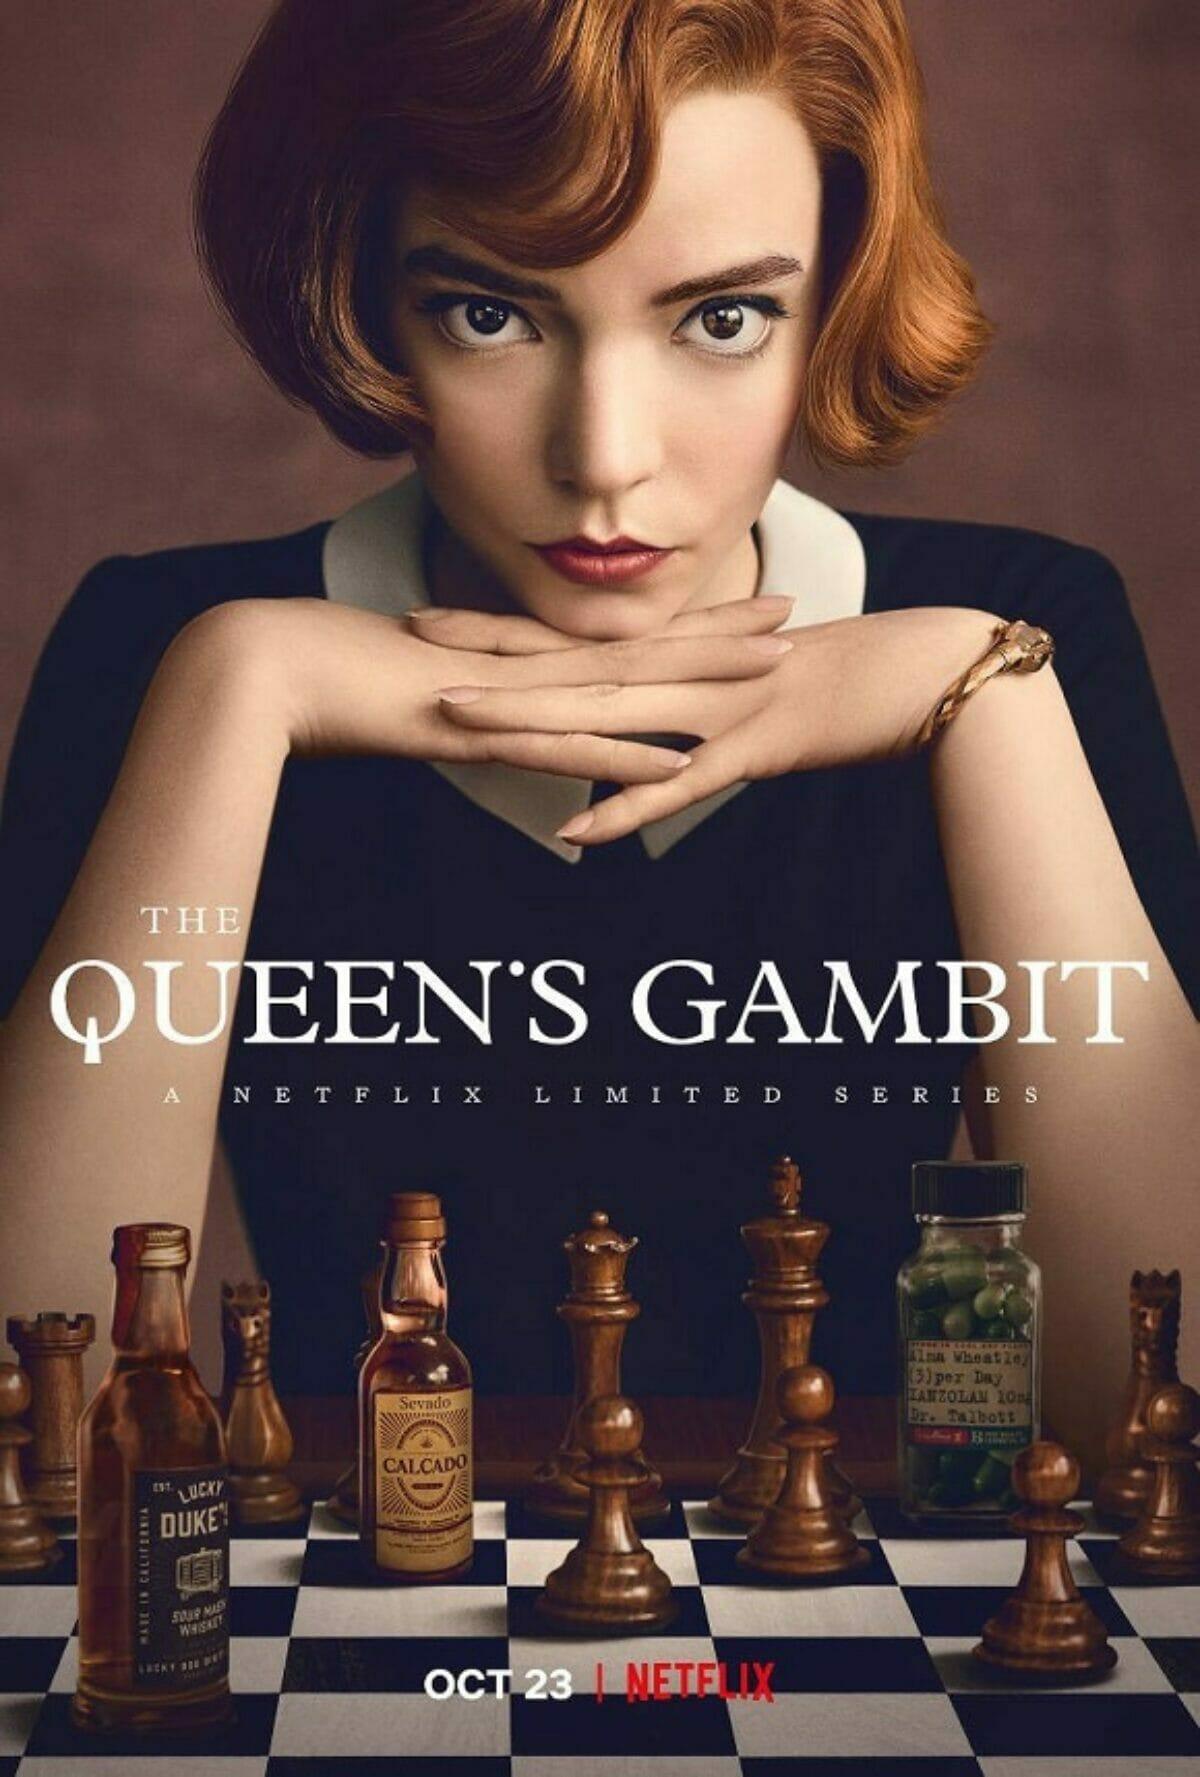 The-queens-gambit-le-jeu-de-la-dame-poster